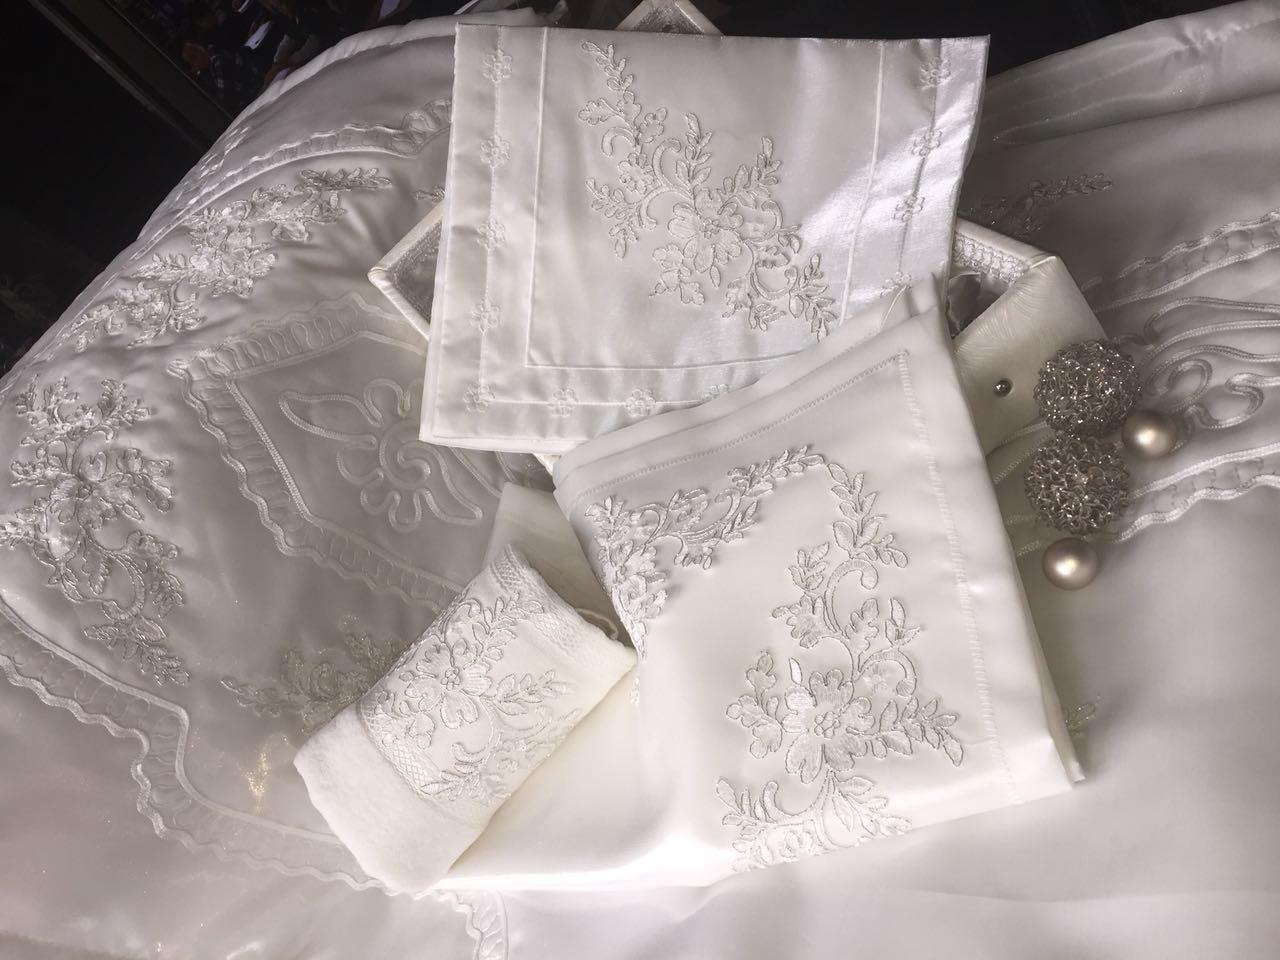 Gebetsteppich Set Ceyiz Seccade Bohca Korantasche Handtuch Seide Hochzeit